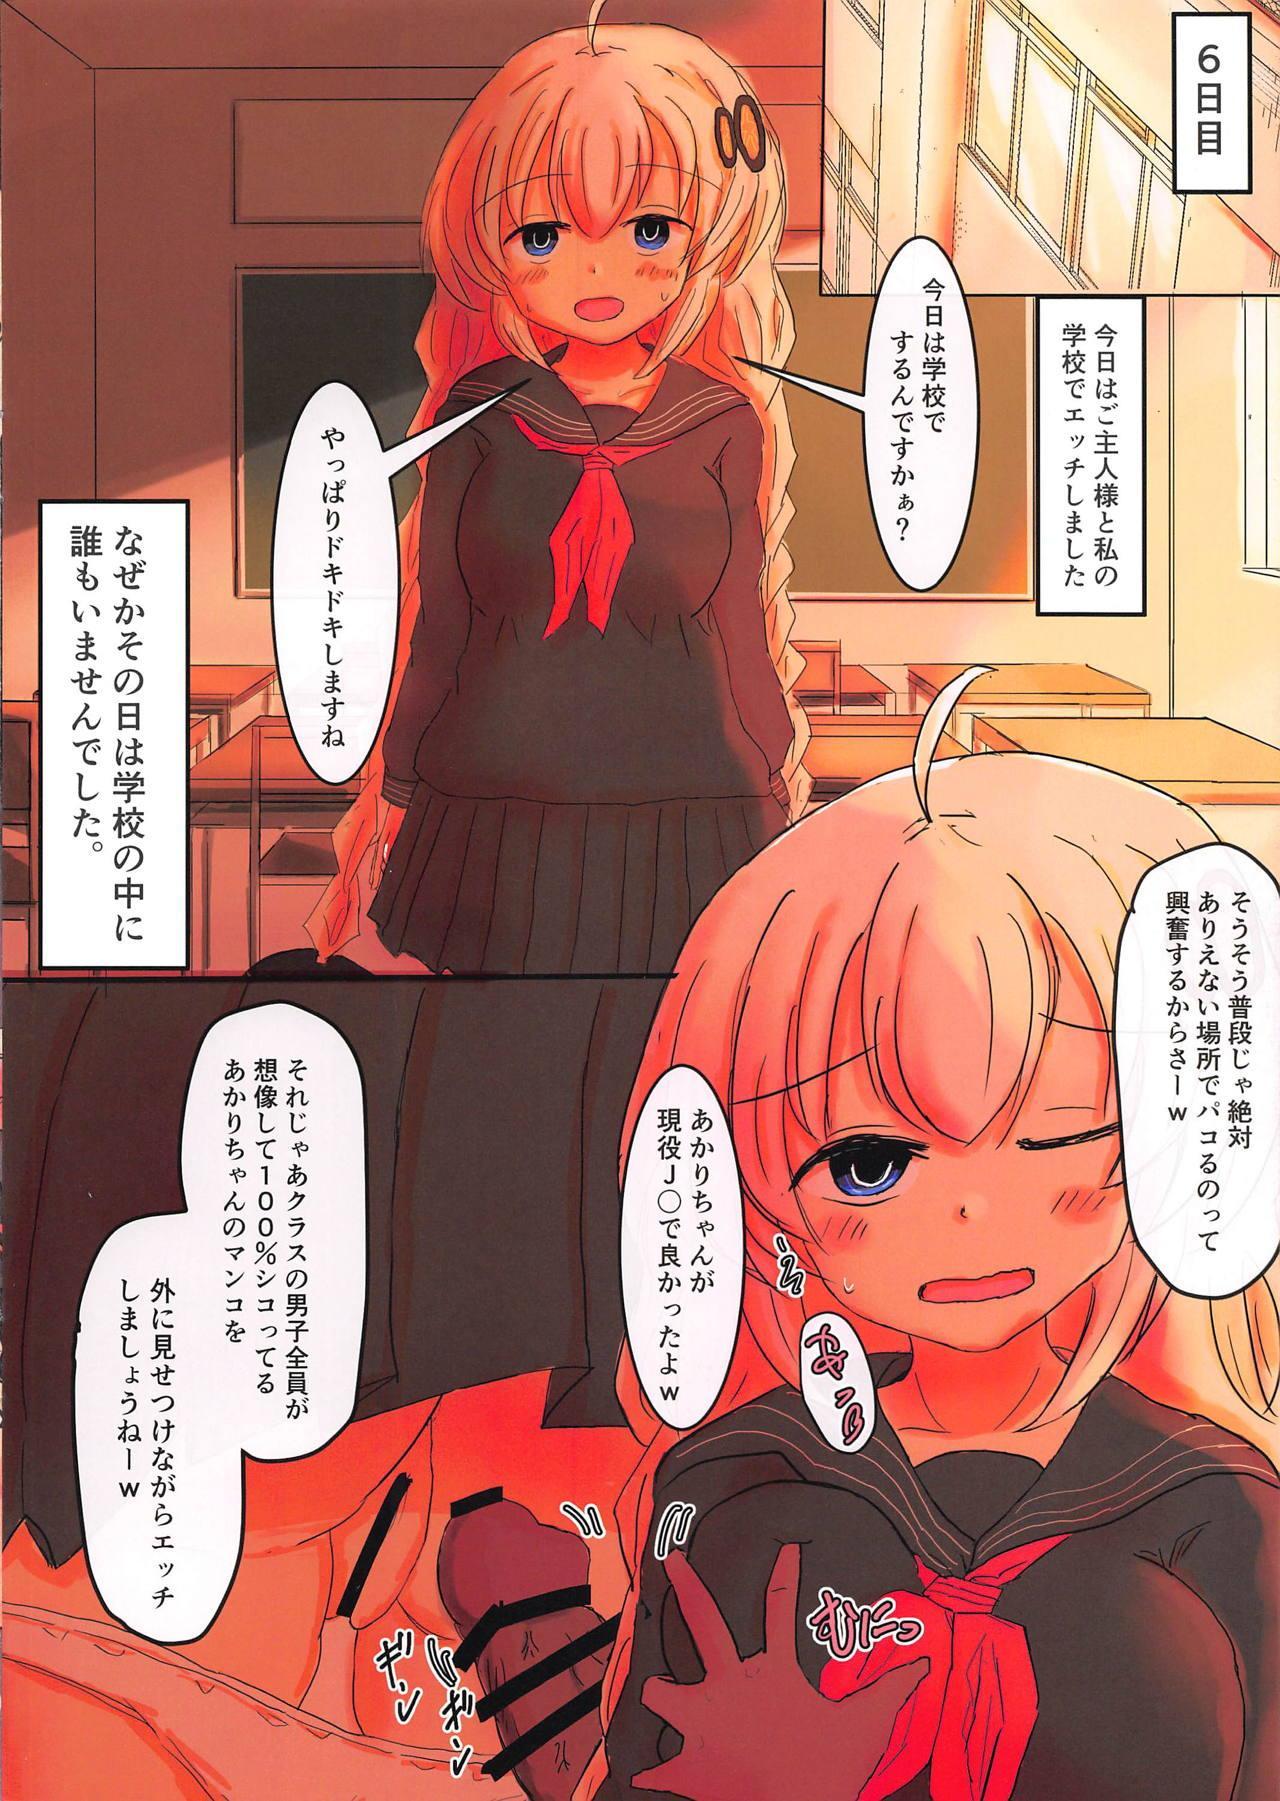 Kizuna Akari to Isshuukan Ougon Nama Nakadashi Seikatsu Joushiki Kaihen!? Saimin Pakopako Cosplex!! 13